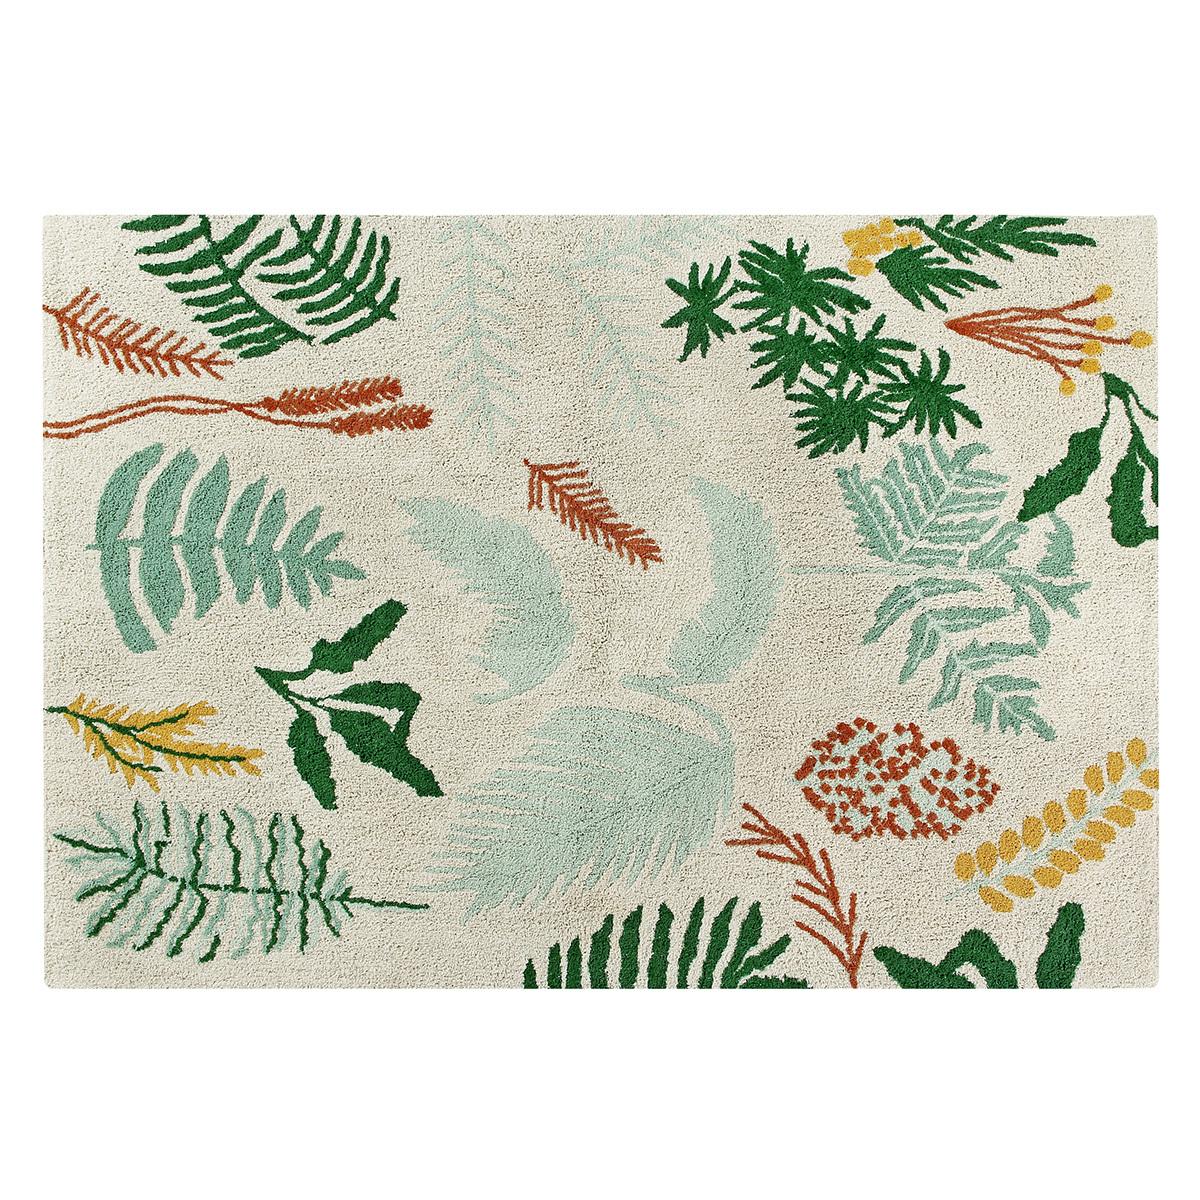 Tapis Tapis Lavable Botanic - 140 x 200 cm Tapis Lavable Botanic - 140 x 200 cm